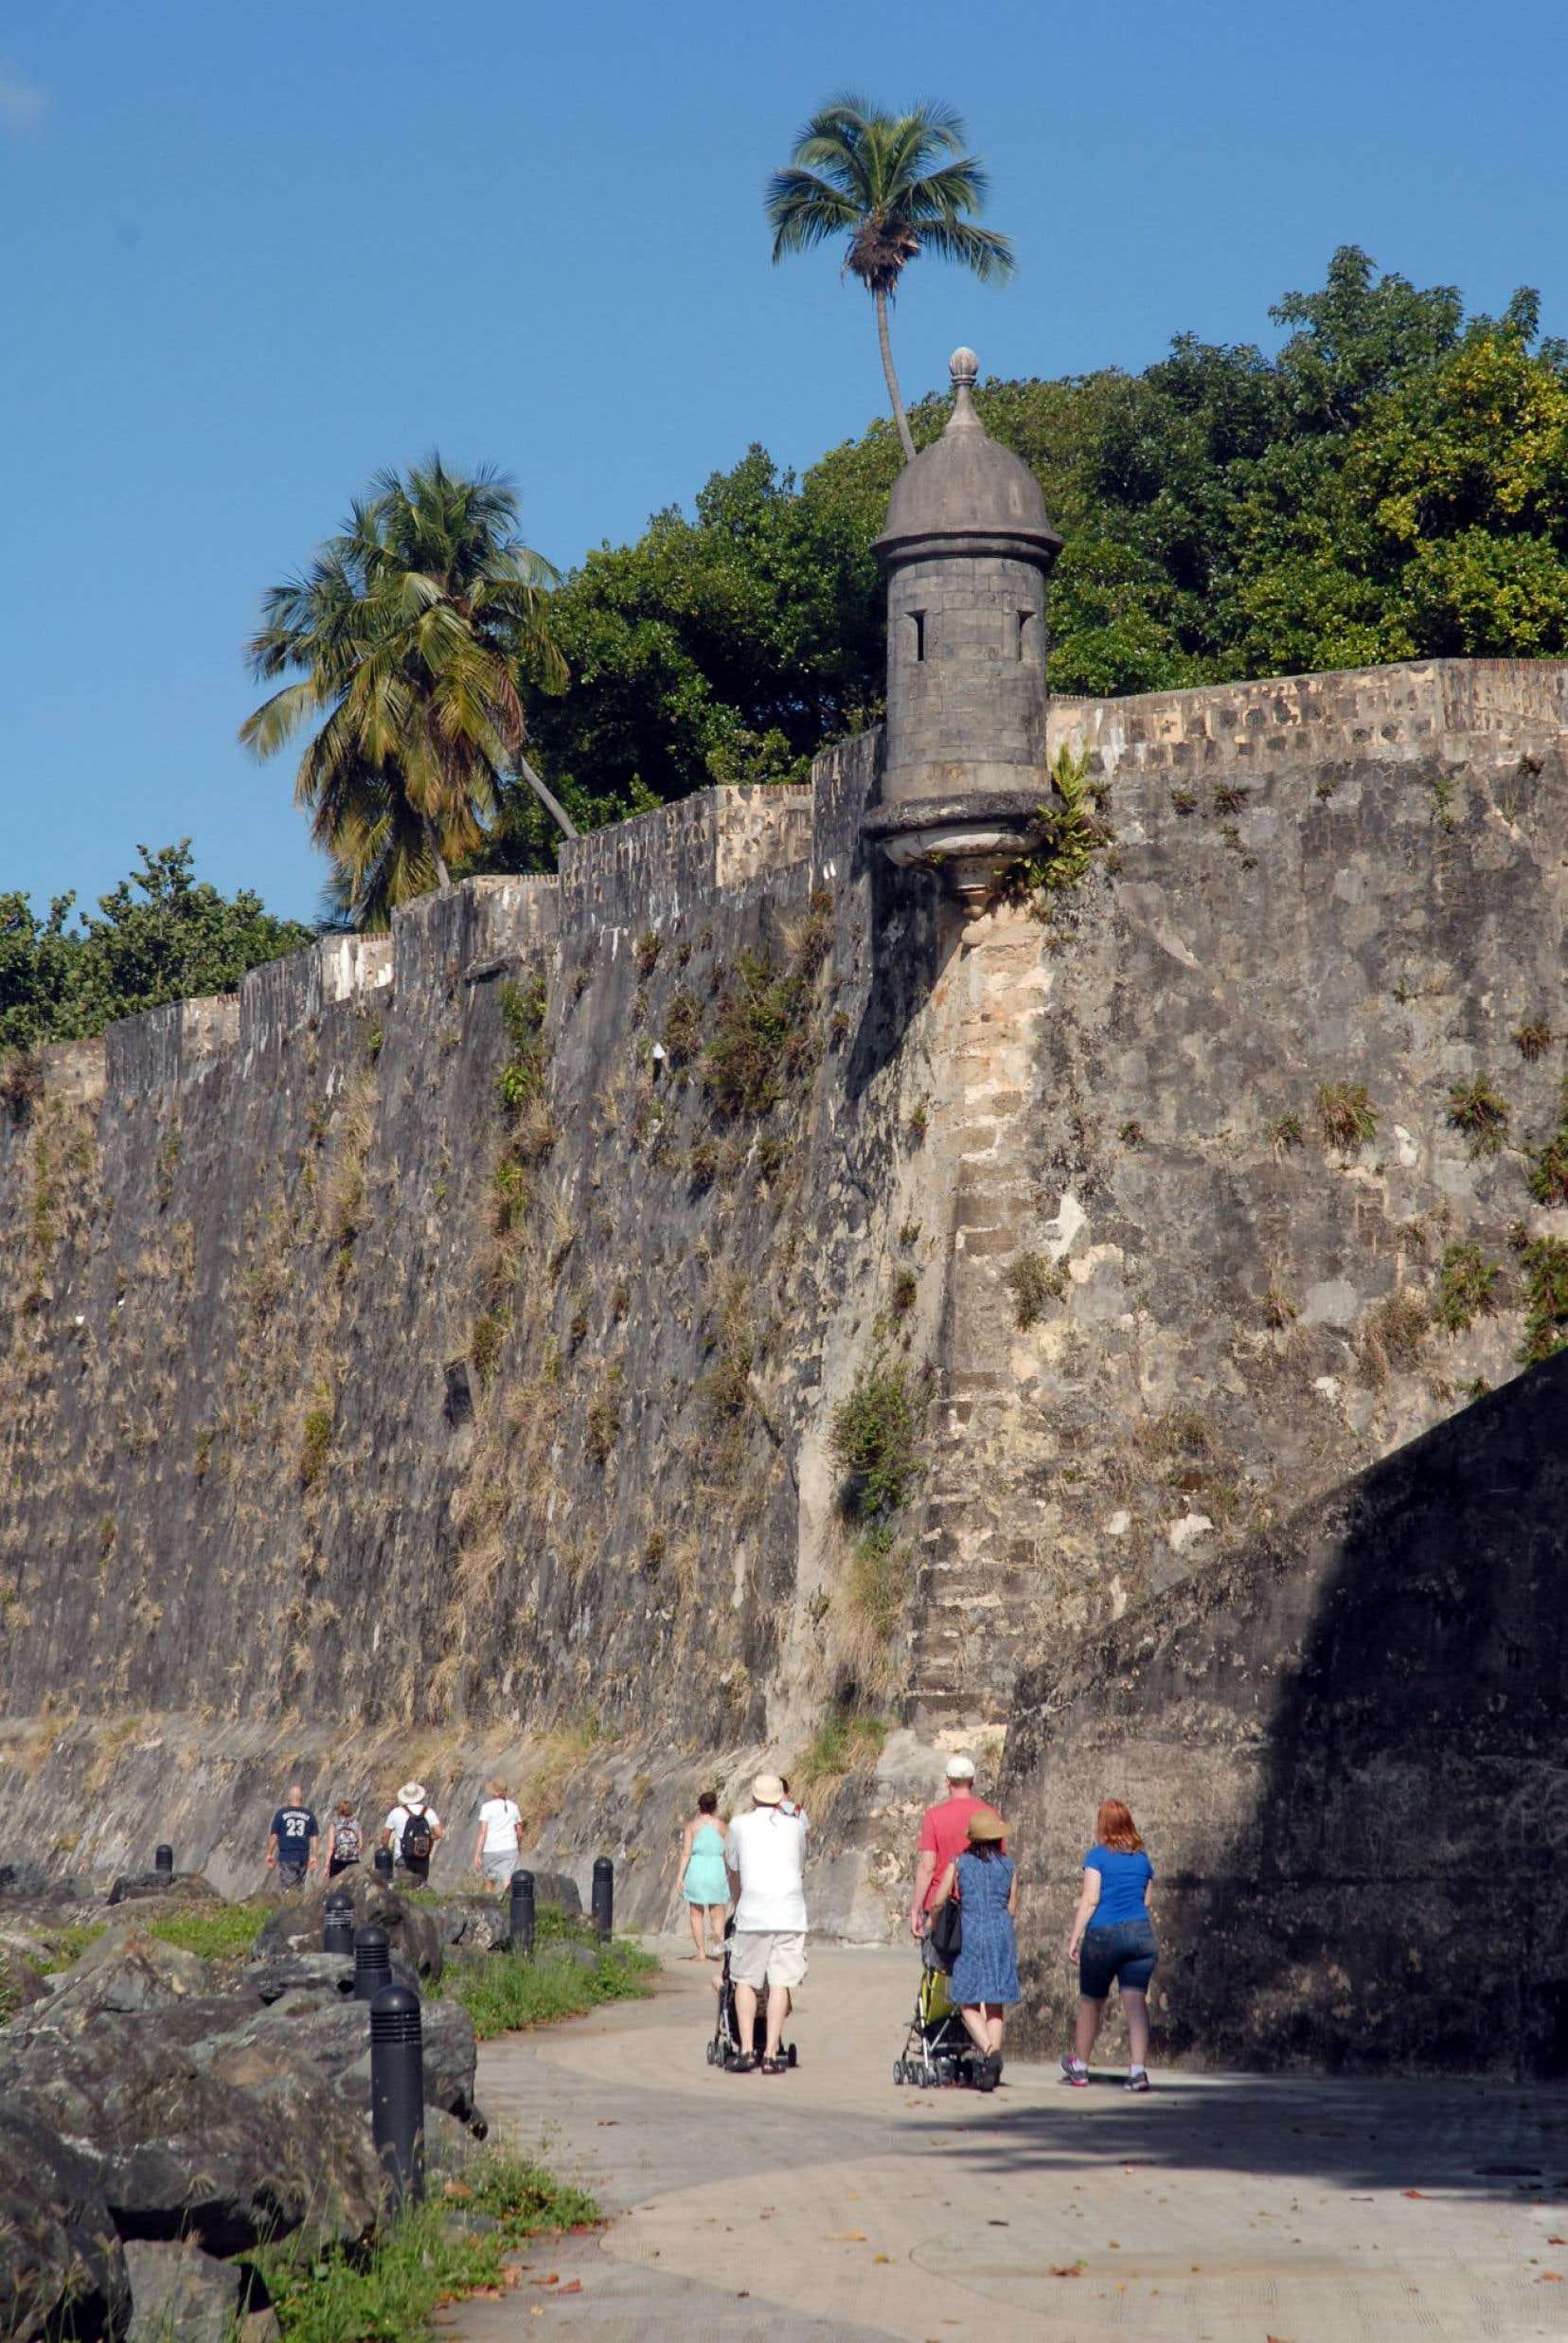 L'imposante forteresse El Morro, à San Juan, est la plus ancienne construite par les Espagnols dans le Nouveau Monde.